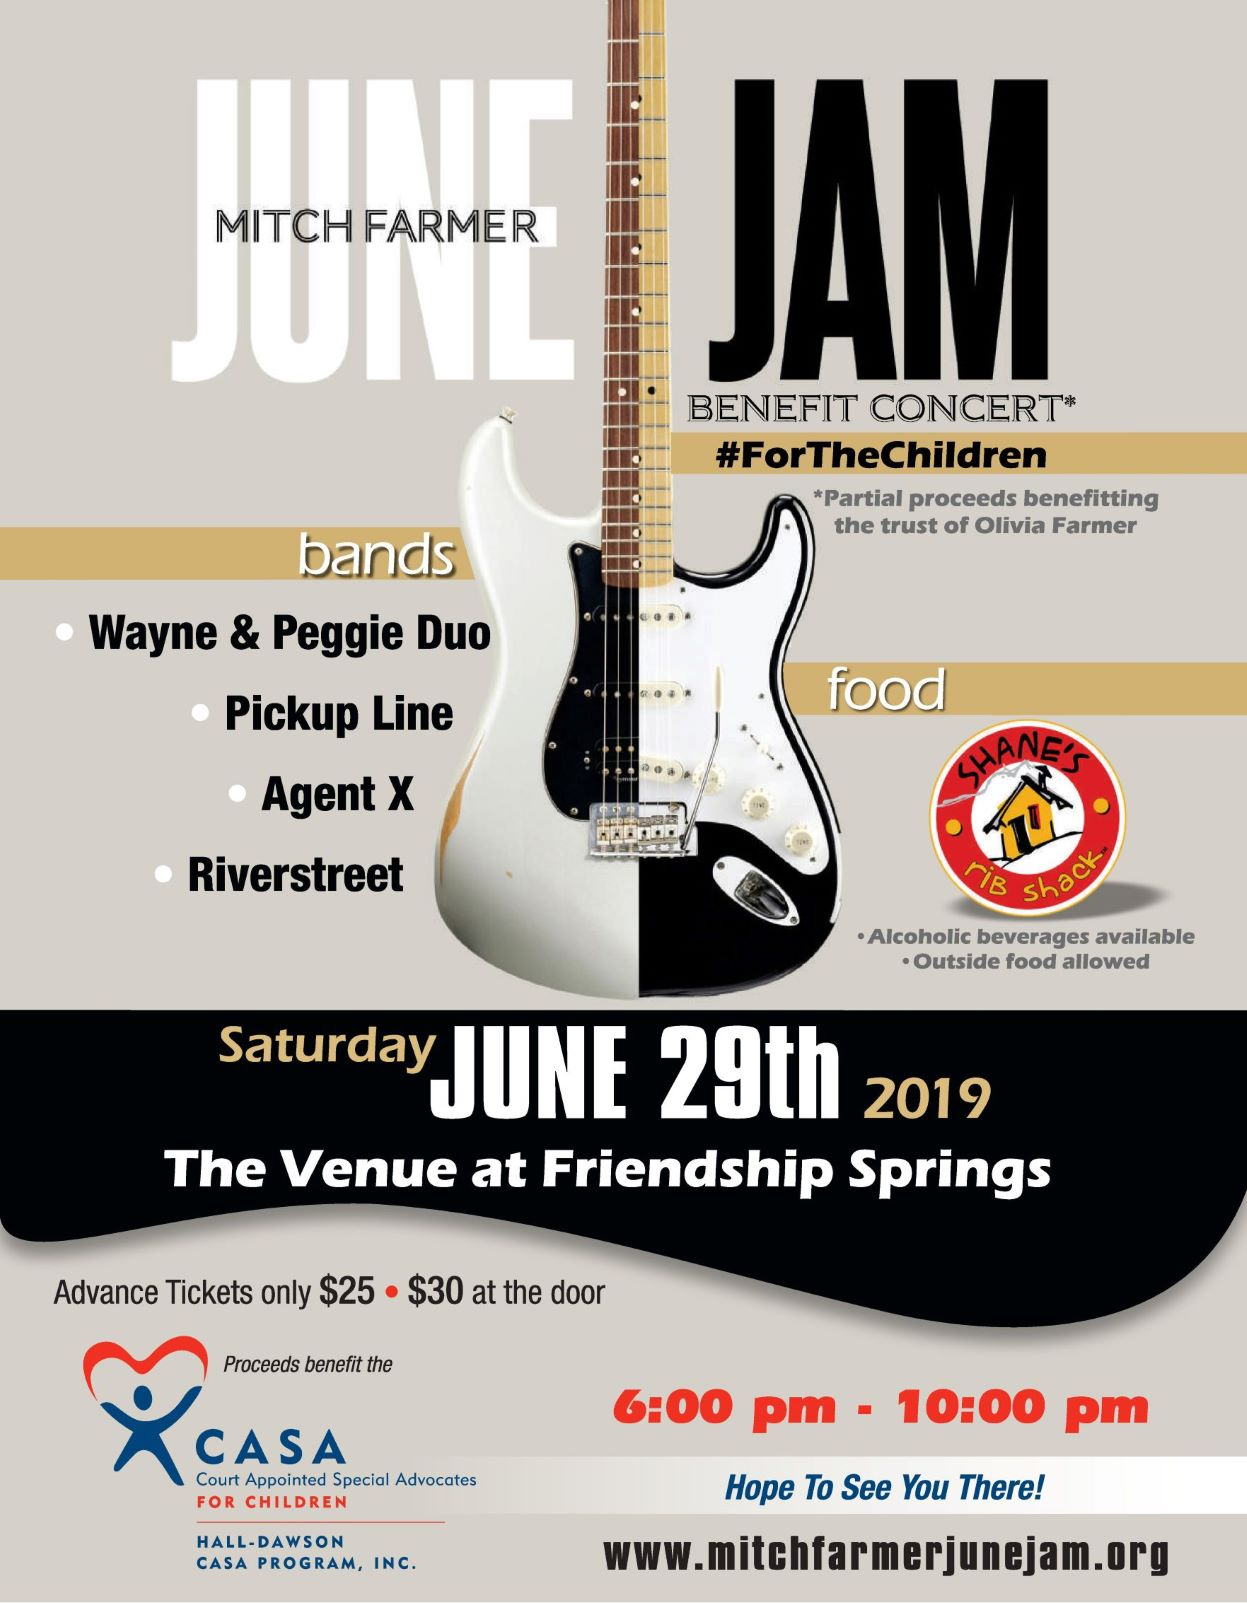 Mitch Farmer June Jam Benefit Concert